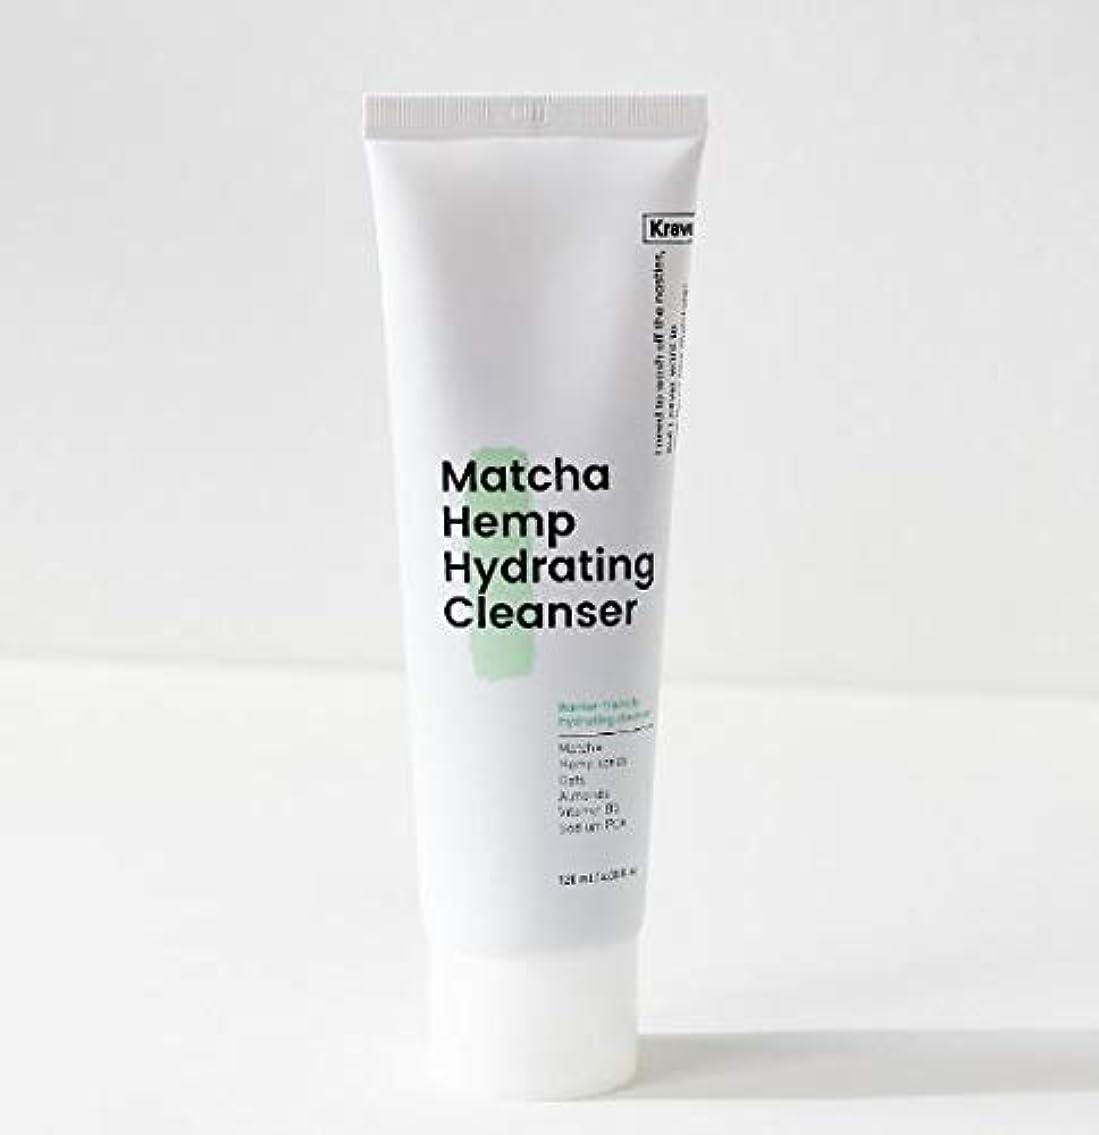 無駄に放置ほぼ[Krave] Matcha Hemp Hydrating Cleanser 120ml / 抹茶ハイドレイティングクレンザー120ml [並行輸入品]